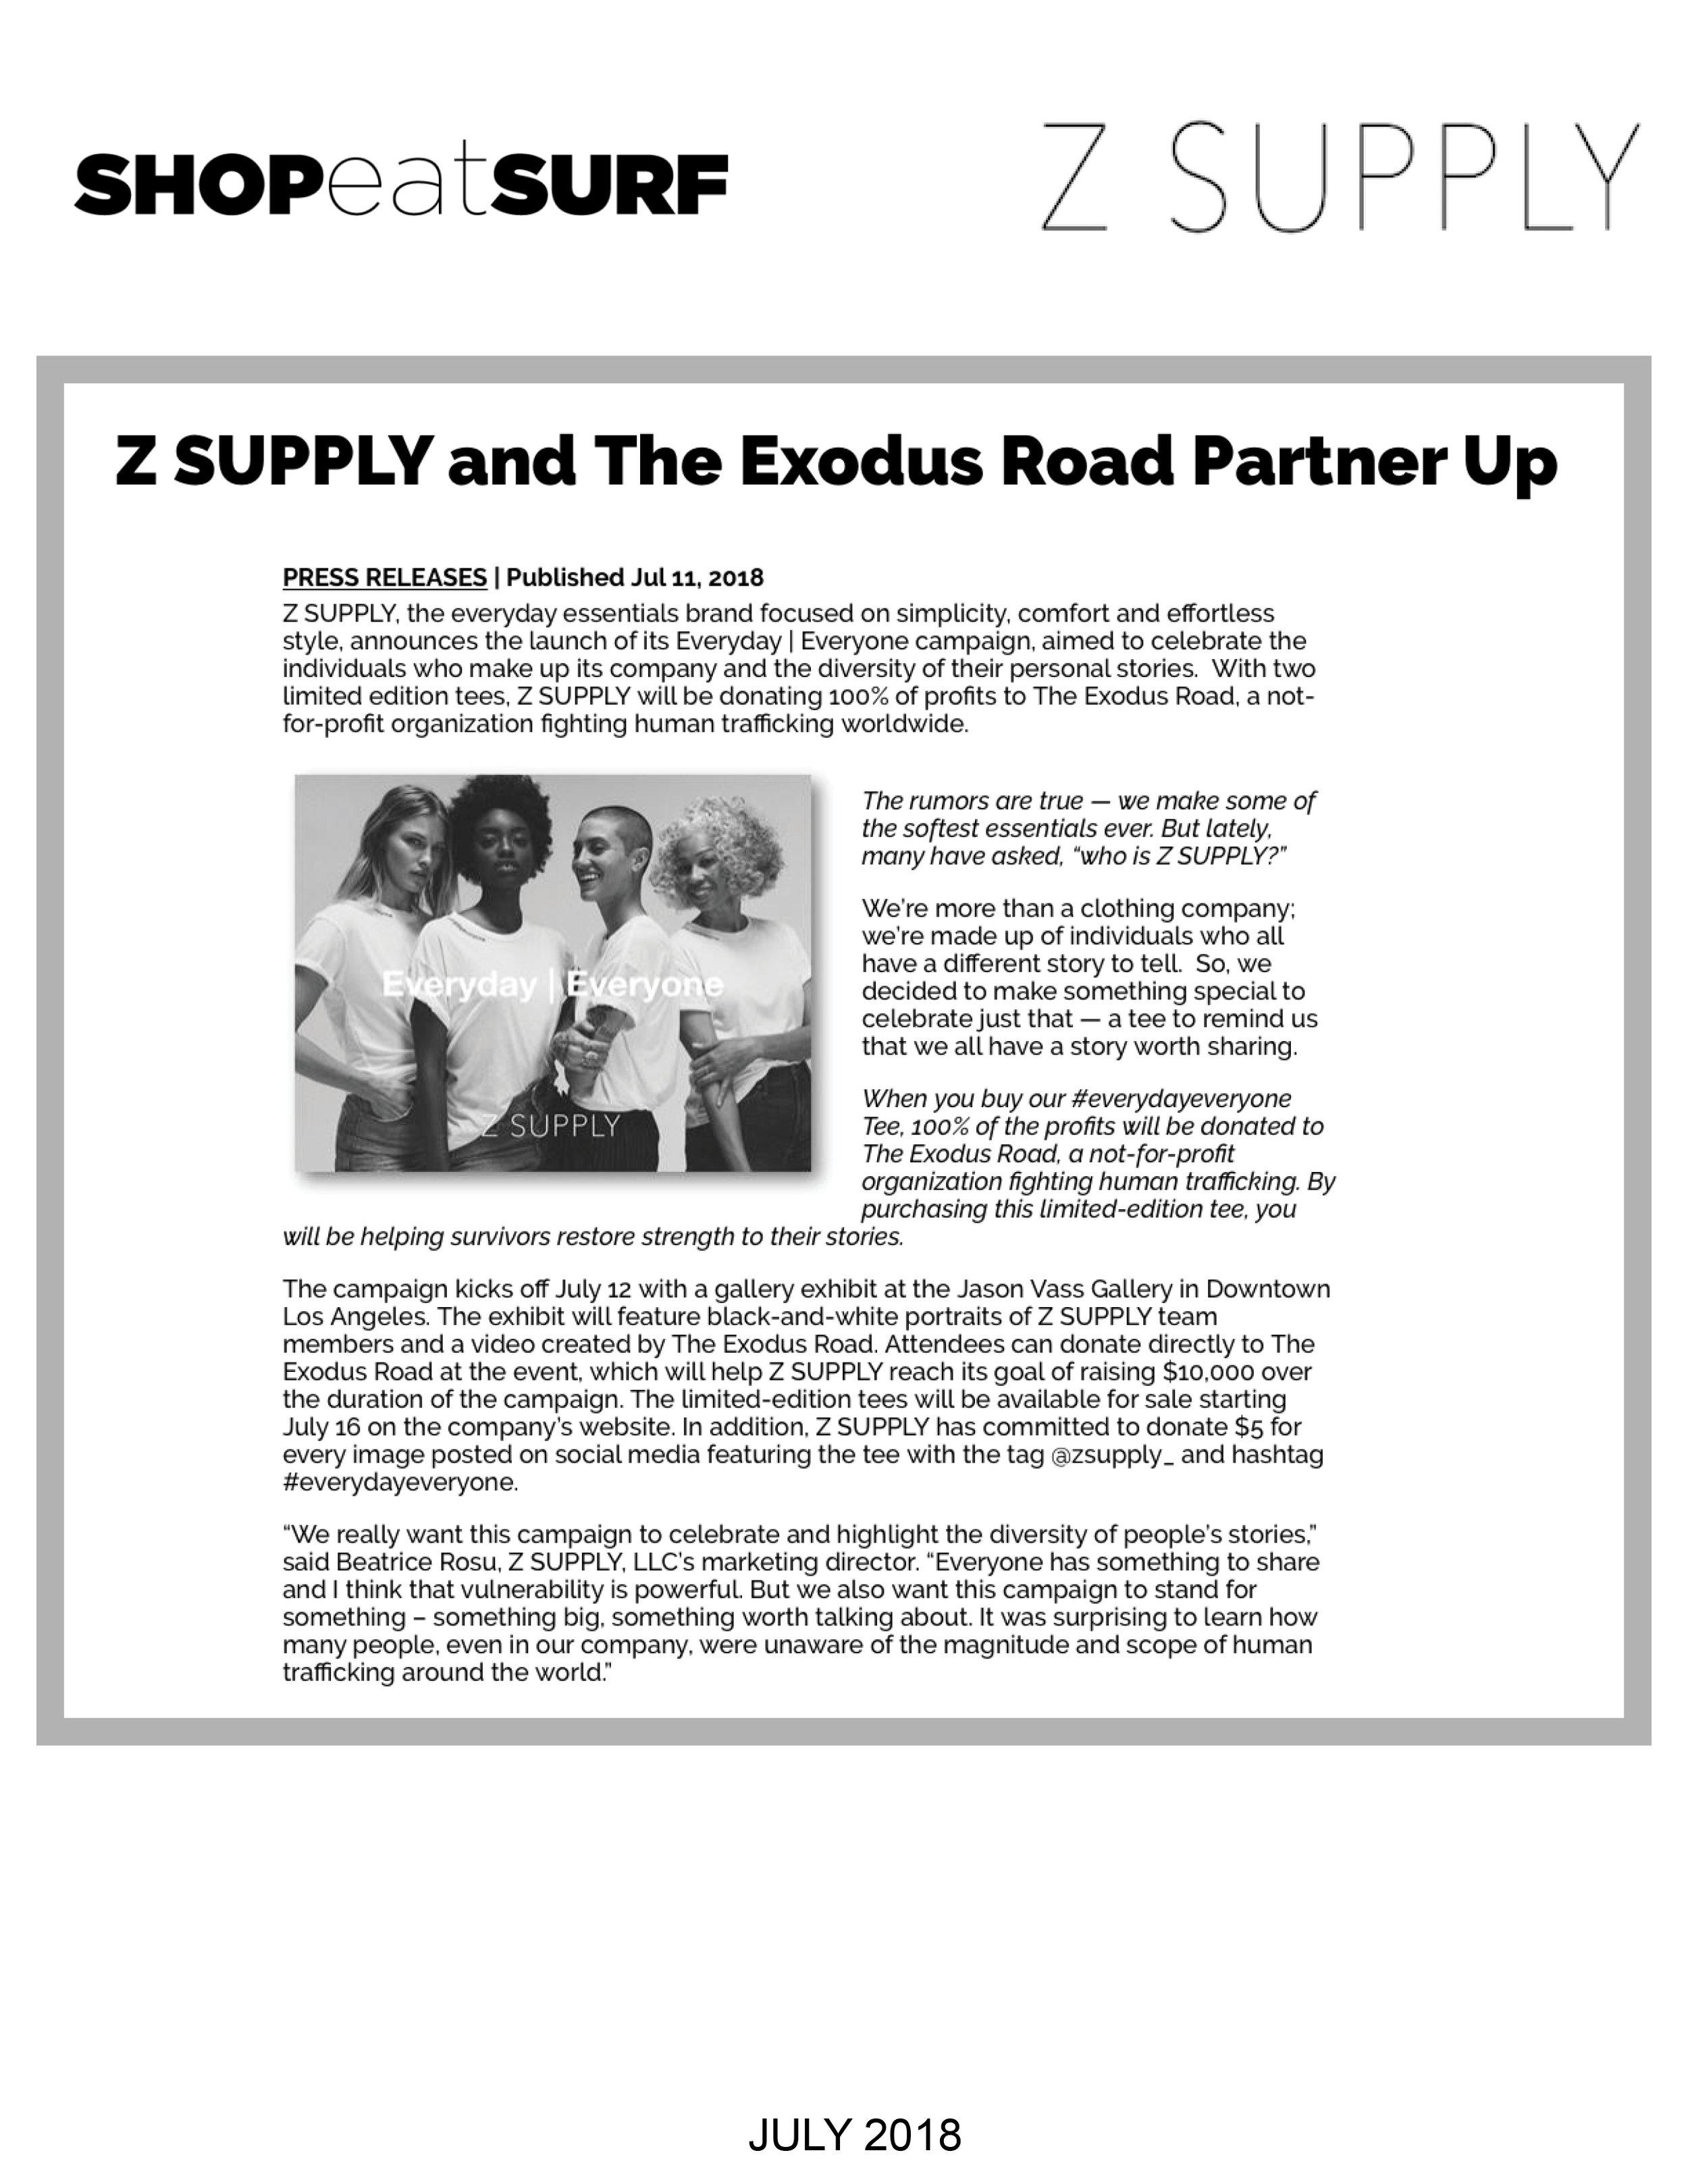 Zsupply_ShopEatSurf_July2018.jpg